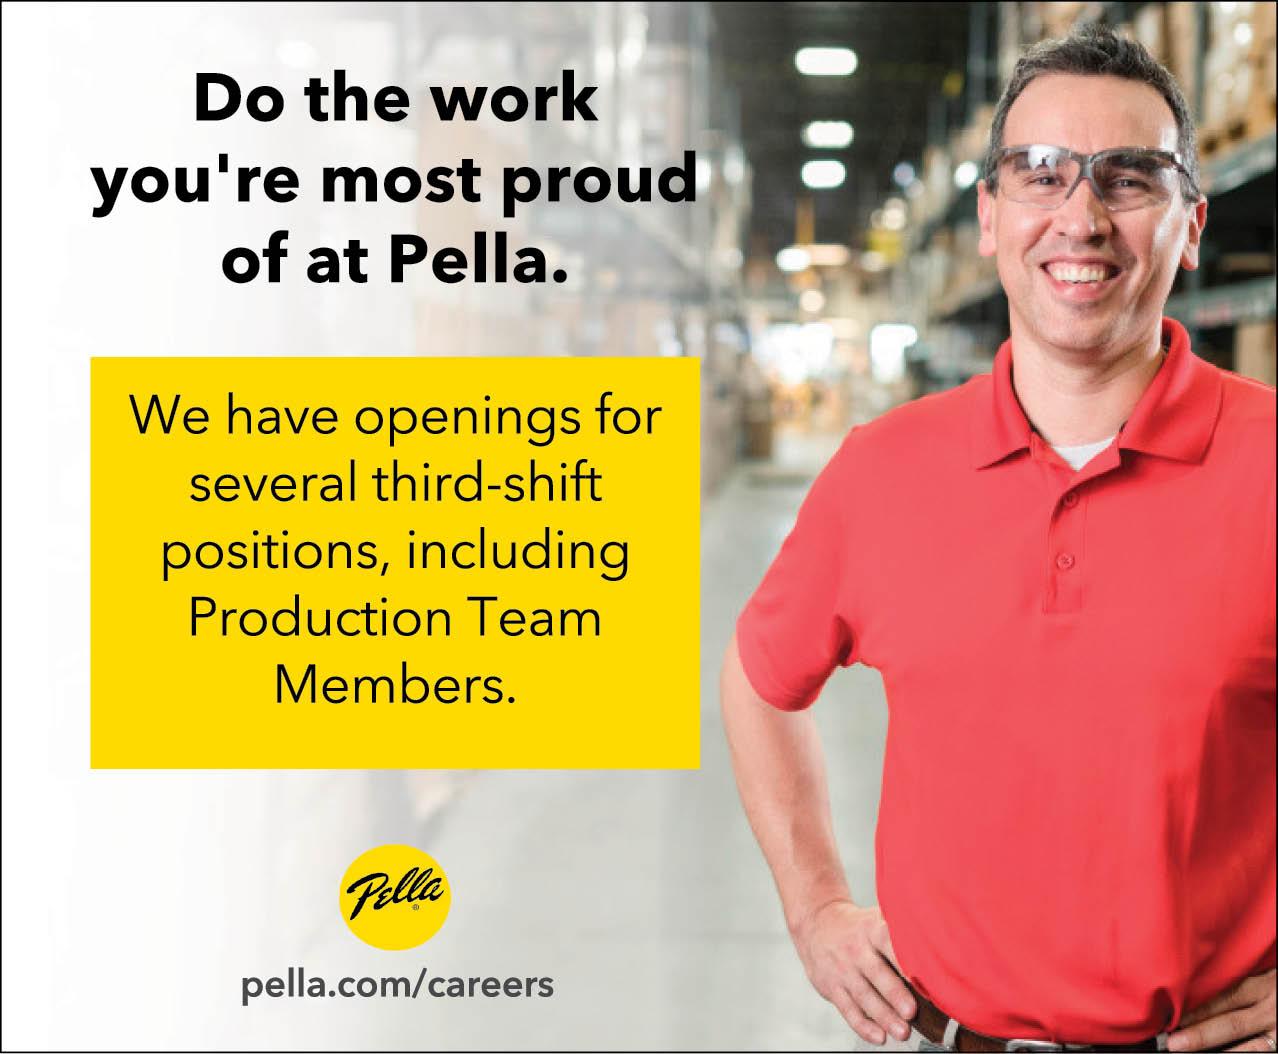 Third Shift Positions at Pella